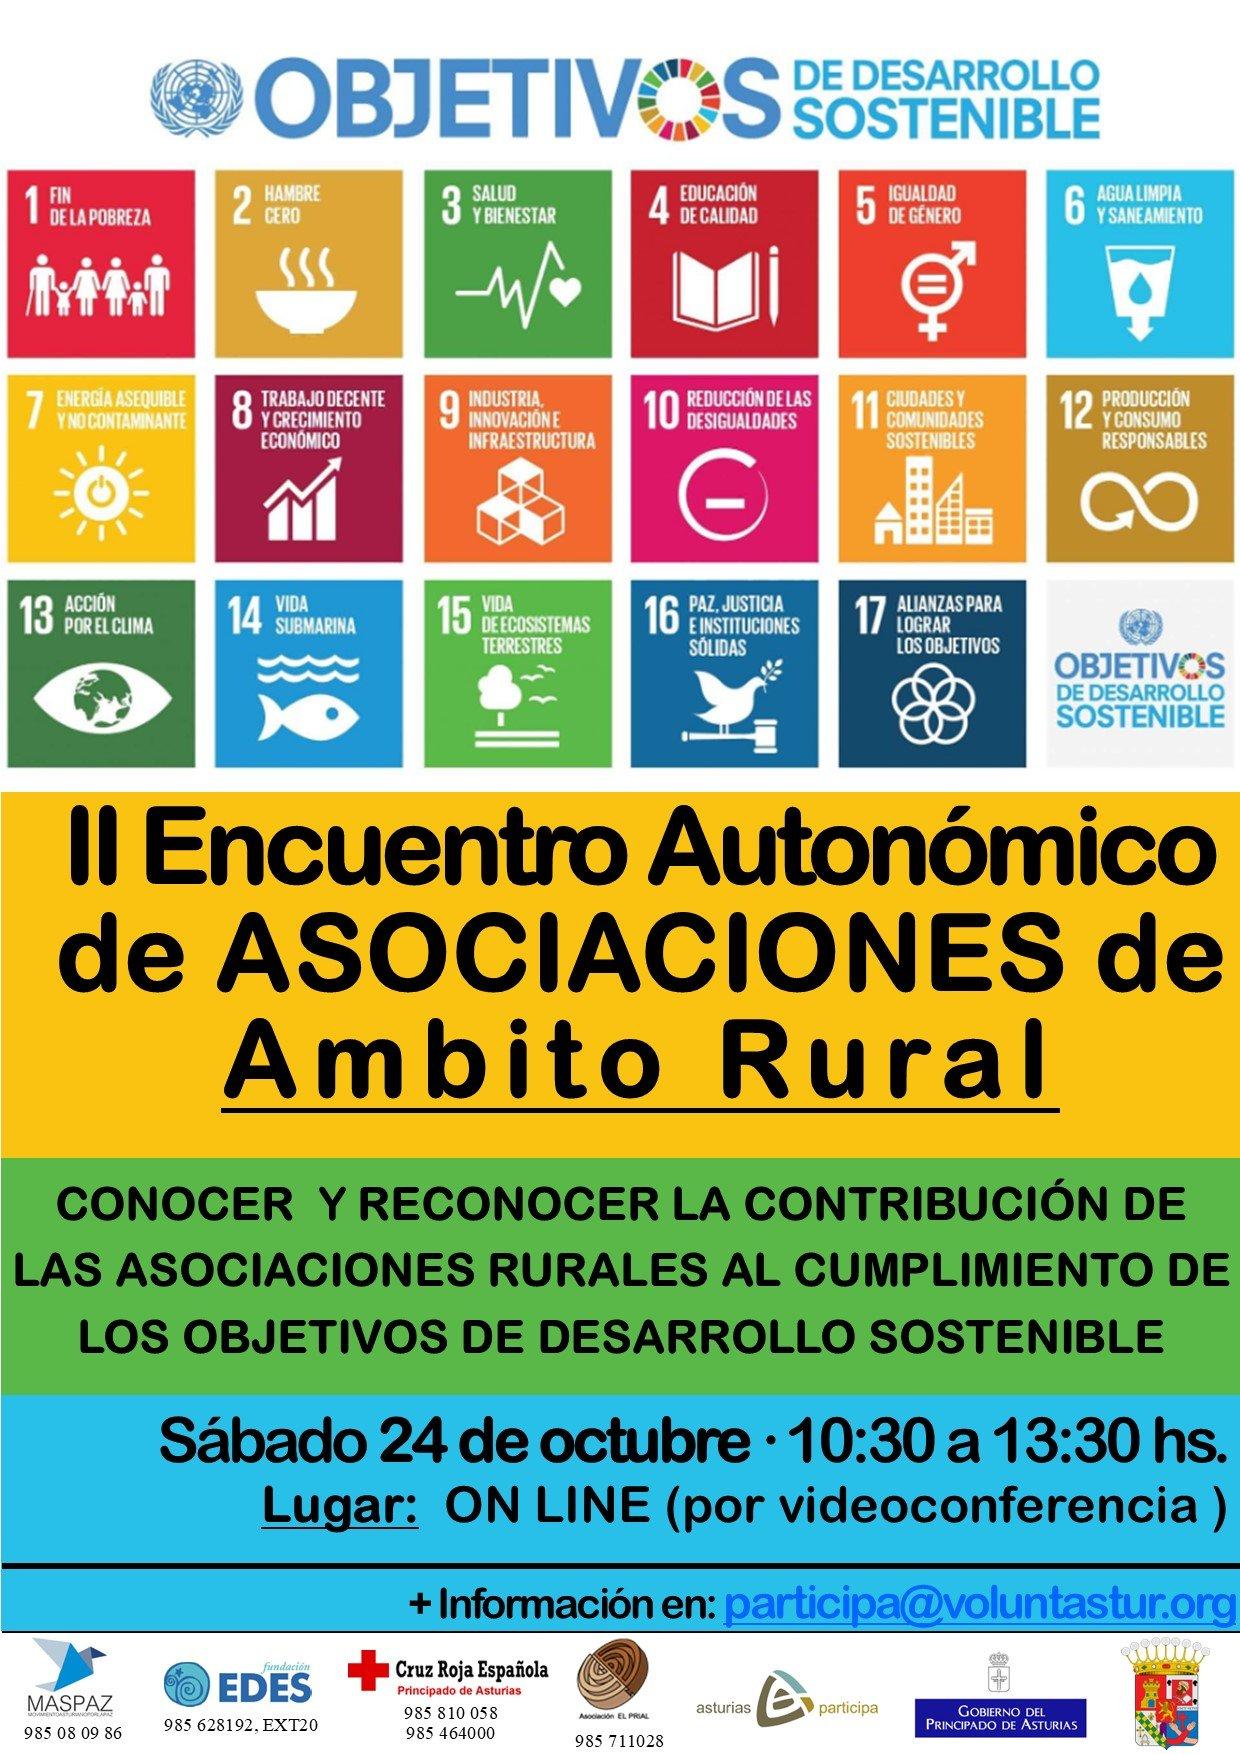 II Encuentro Autonómico de Asociaciones de Ámbito Rural, este sábado, 24 de octubre